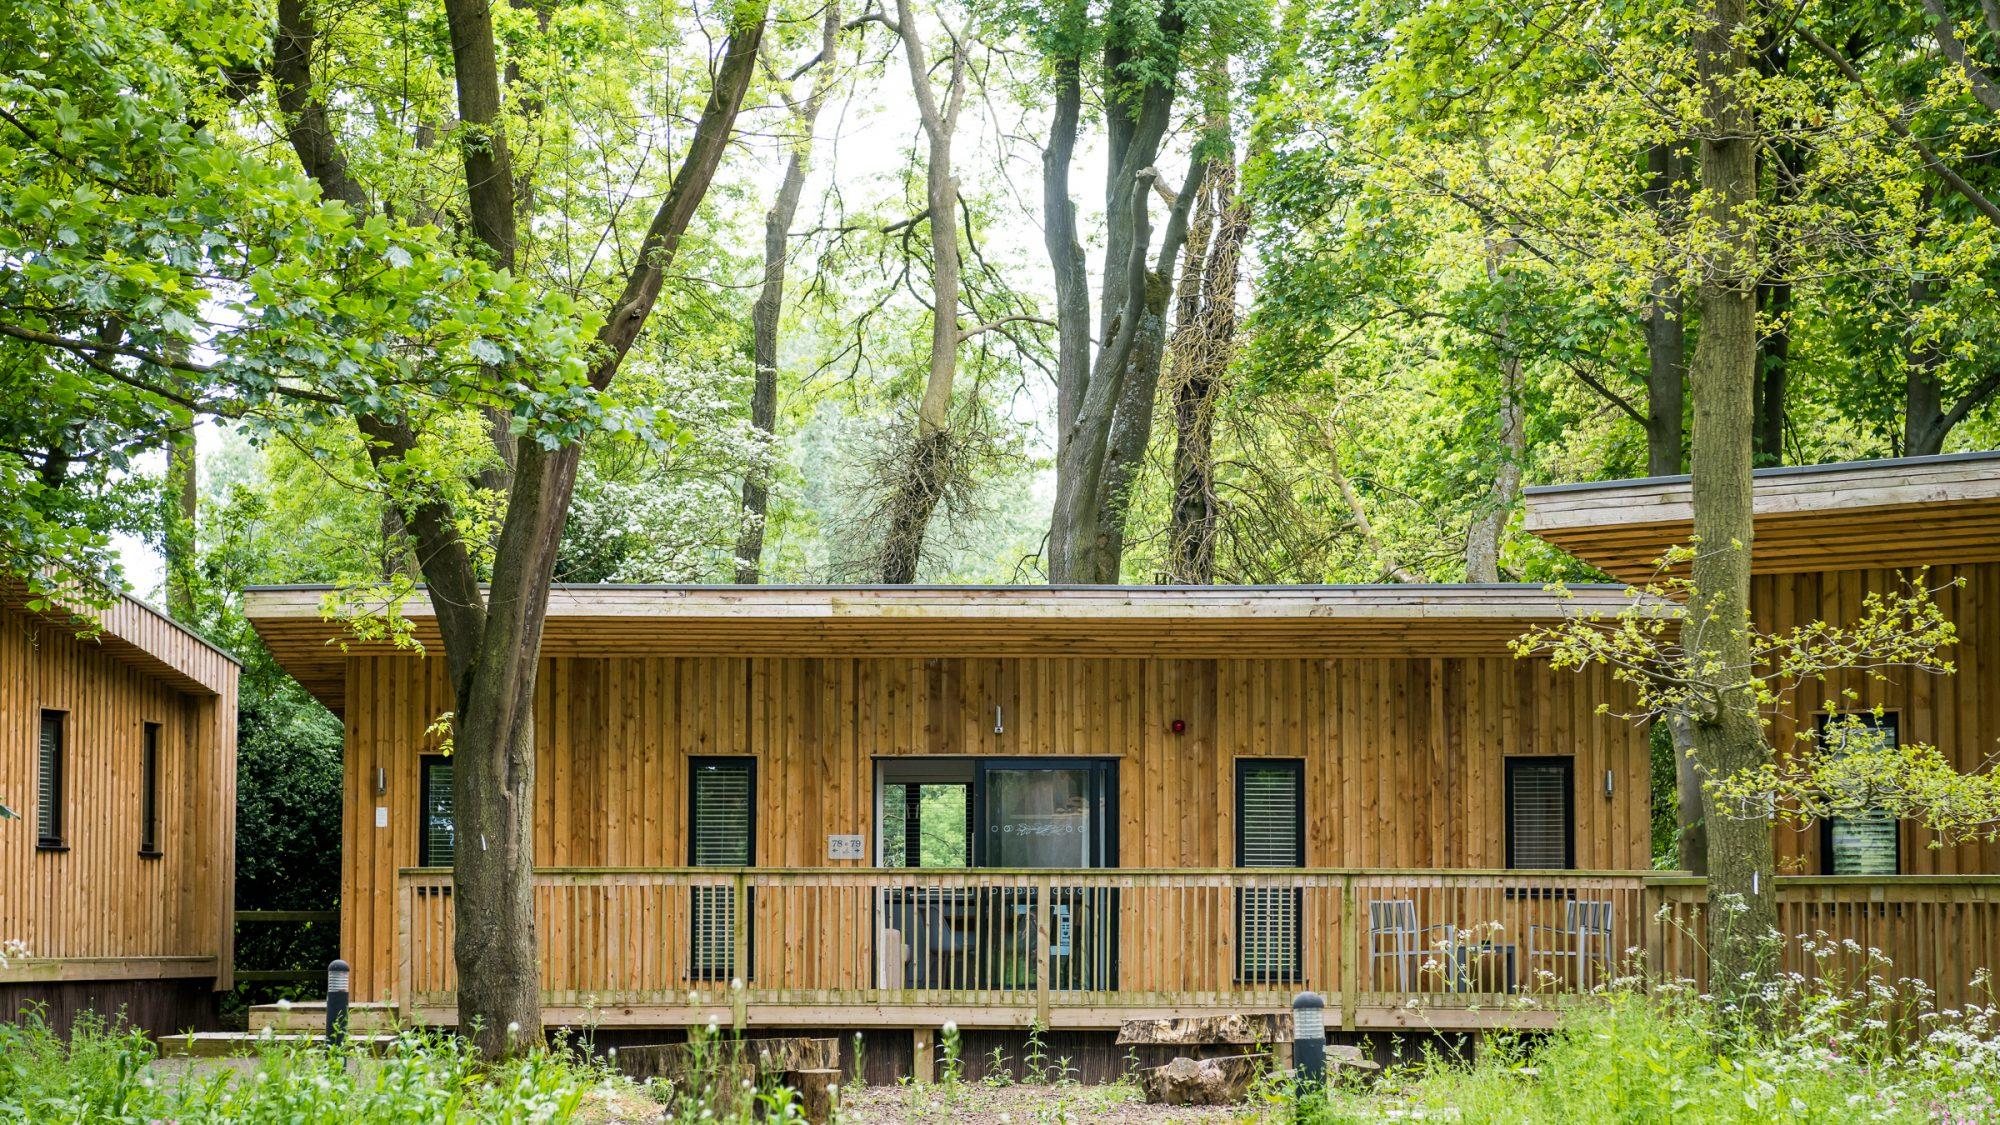 Woodland snug cabin accommodation